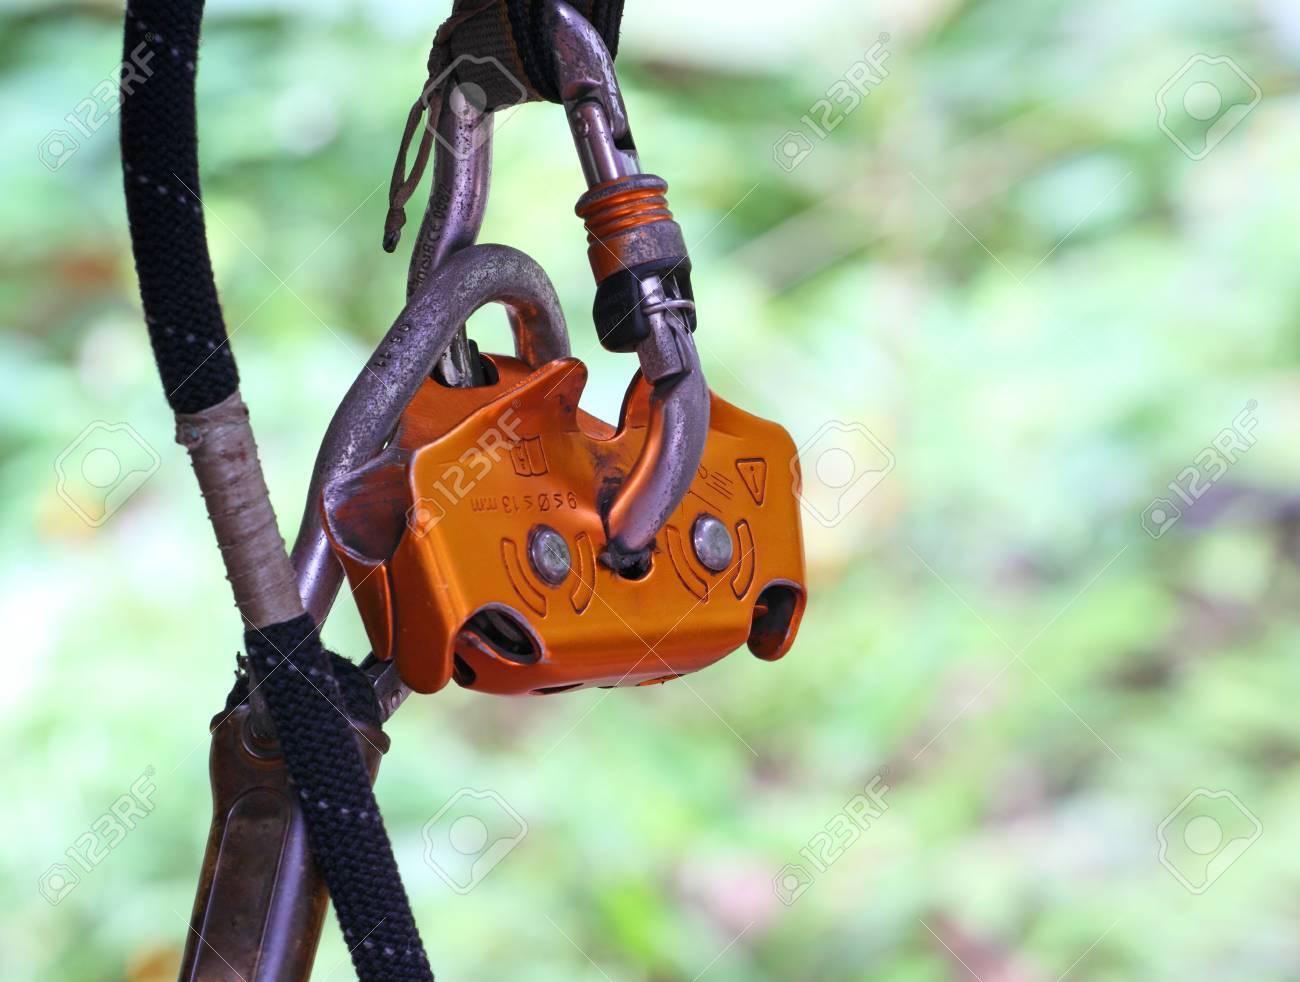 Kletterausrüstung Sicherung : Kletterausrüstung auf einer grauen matte ausgelegt seil